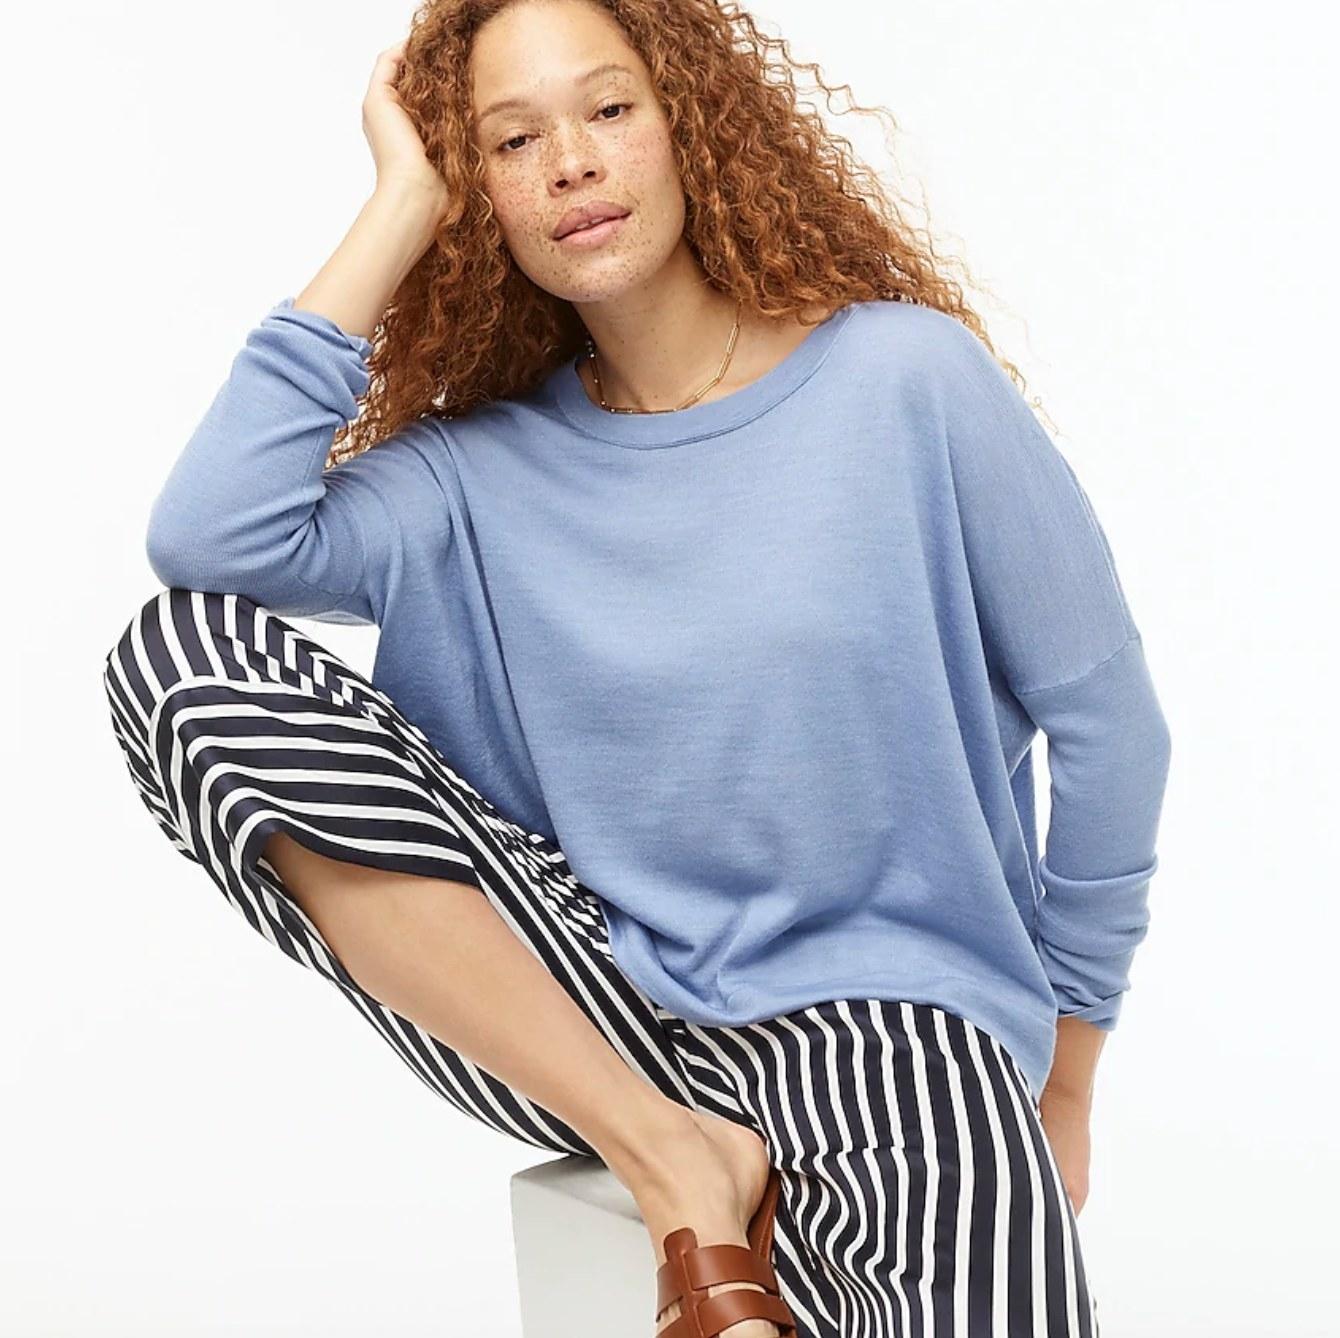 model wearing light blue sweater